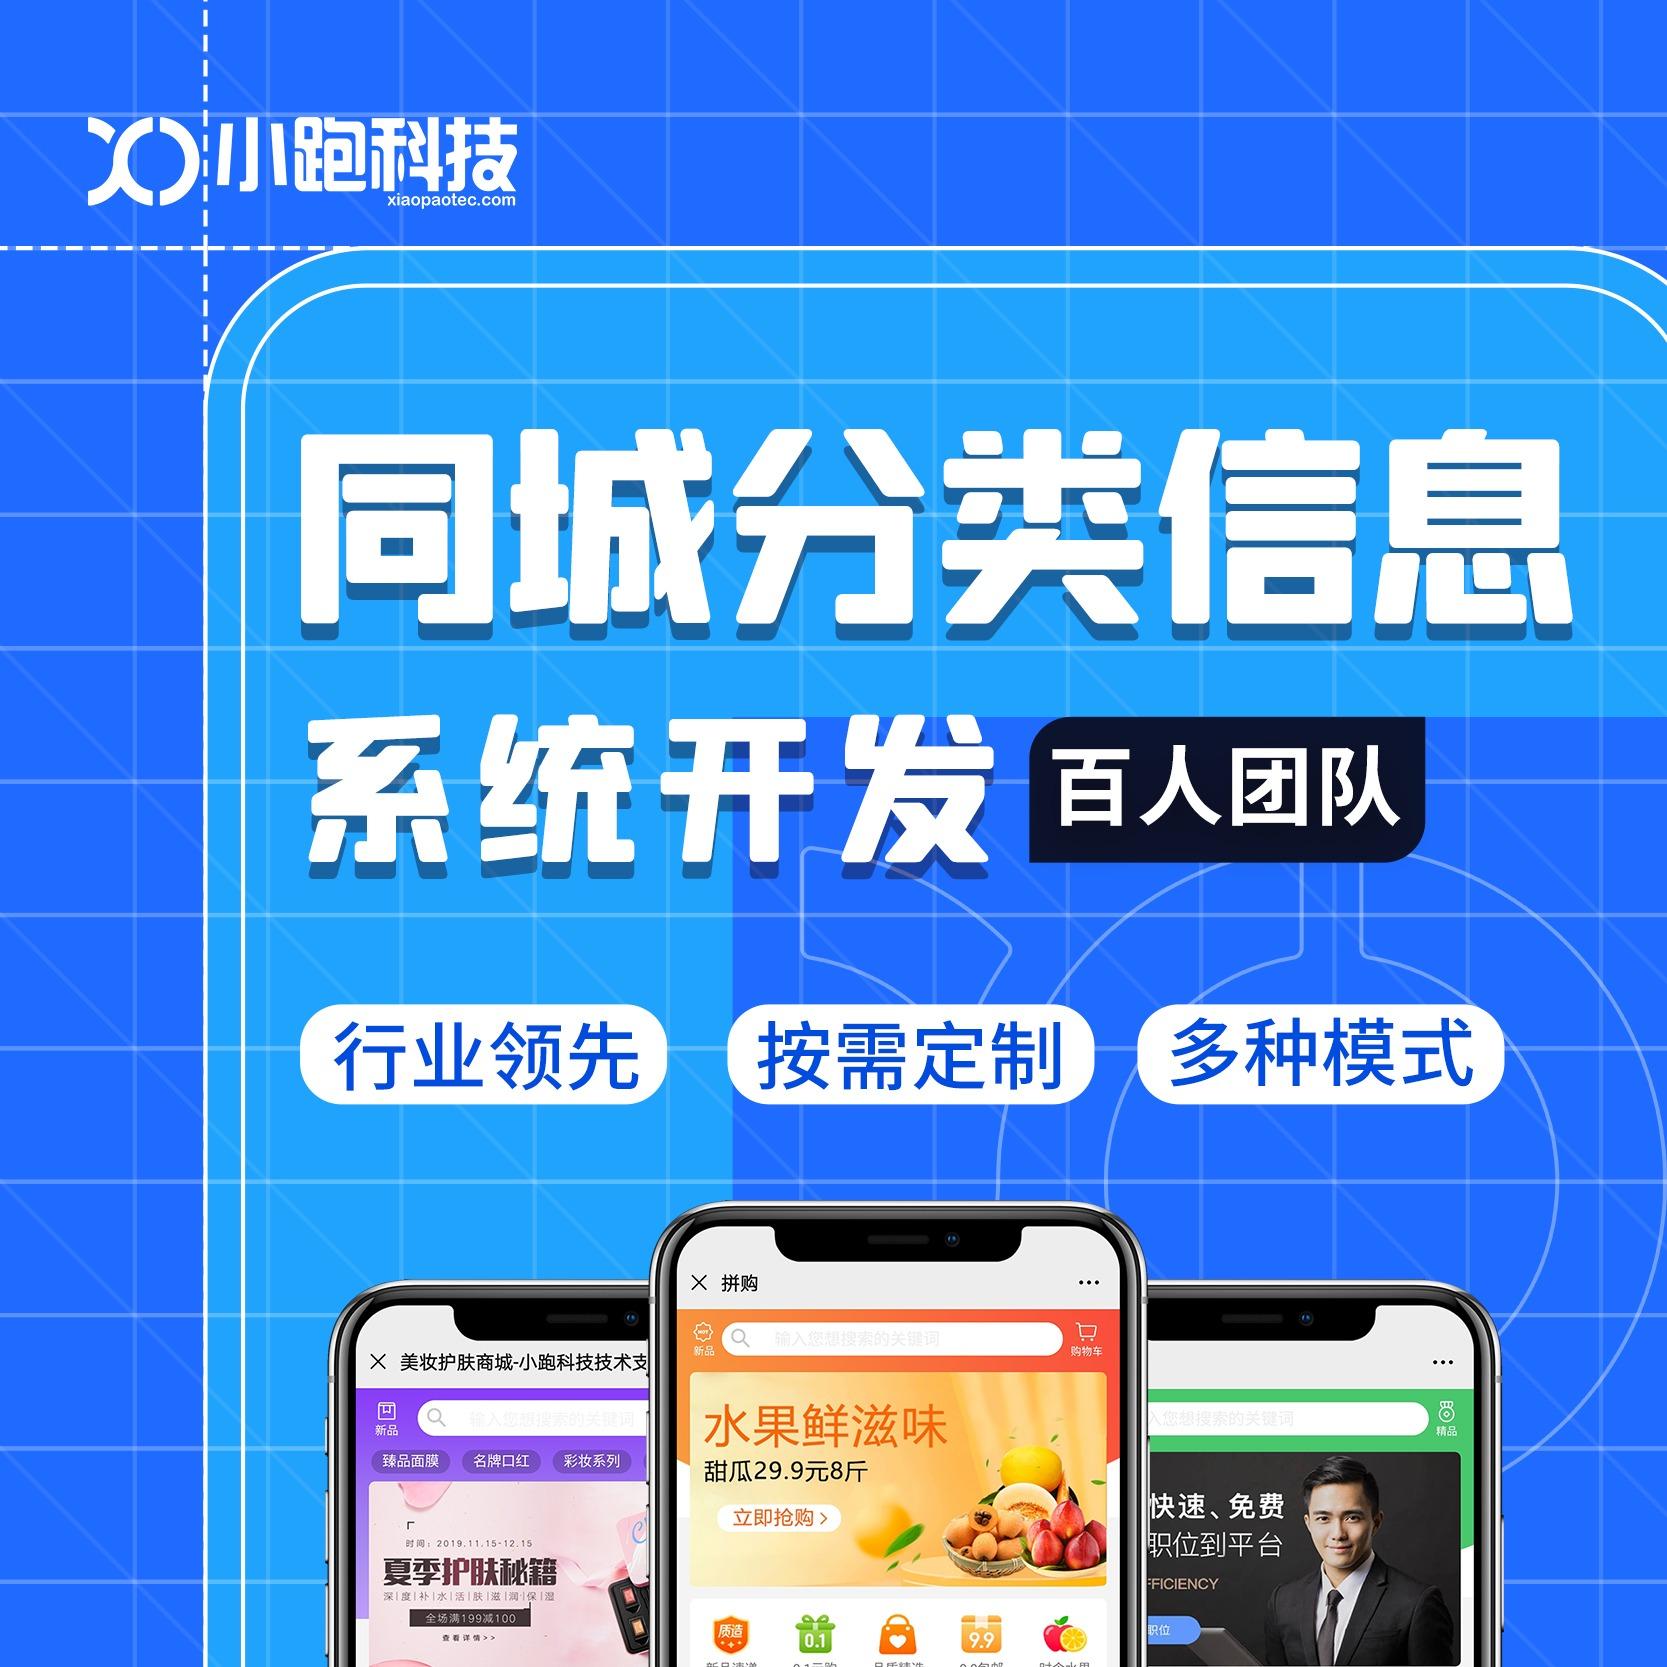 【同城生活APP开发】餐饮外卖/跑腿代购超市/同城信息系统